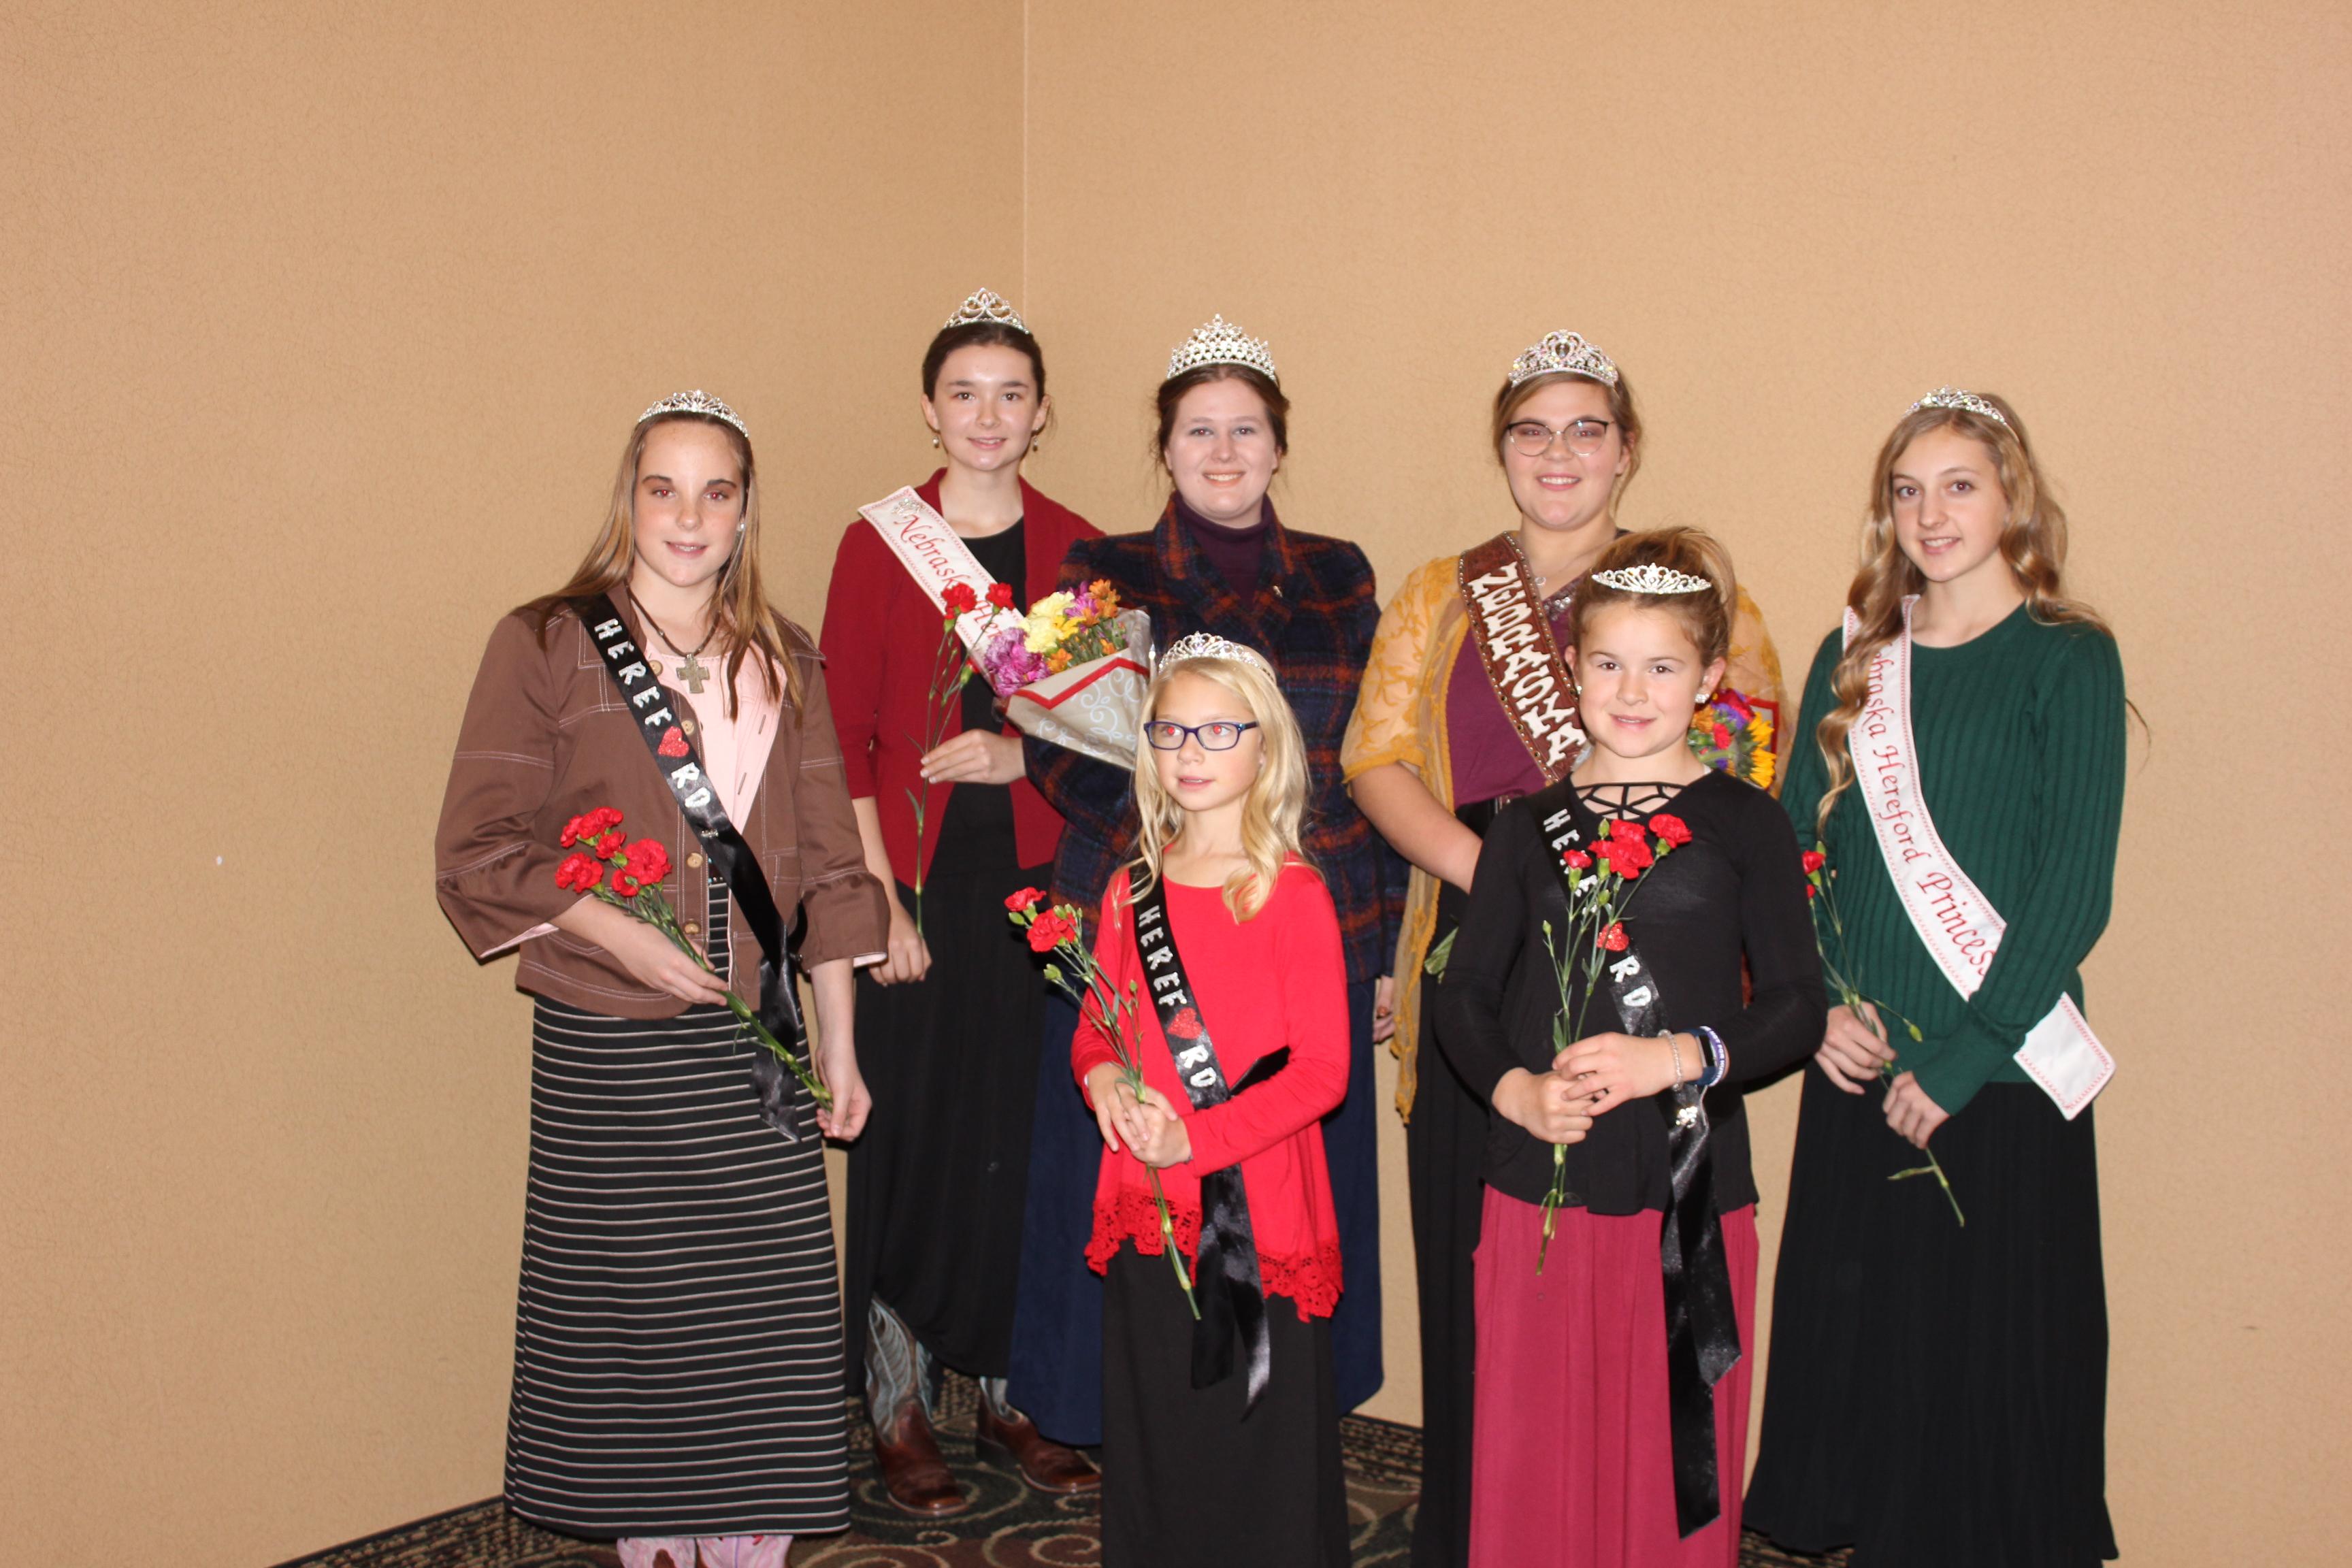 Nebraska Hereford Royalty